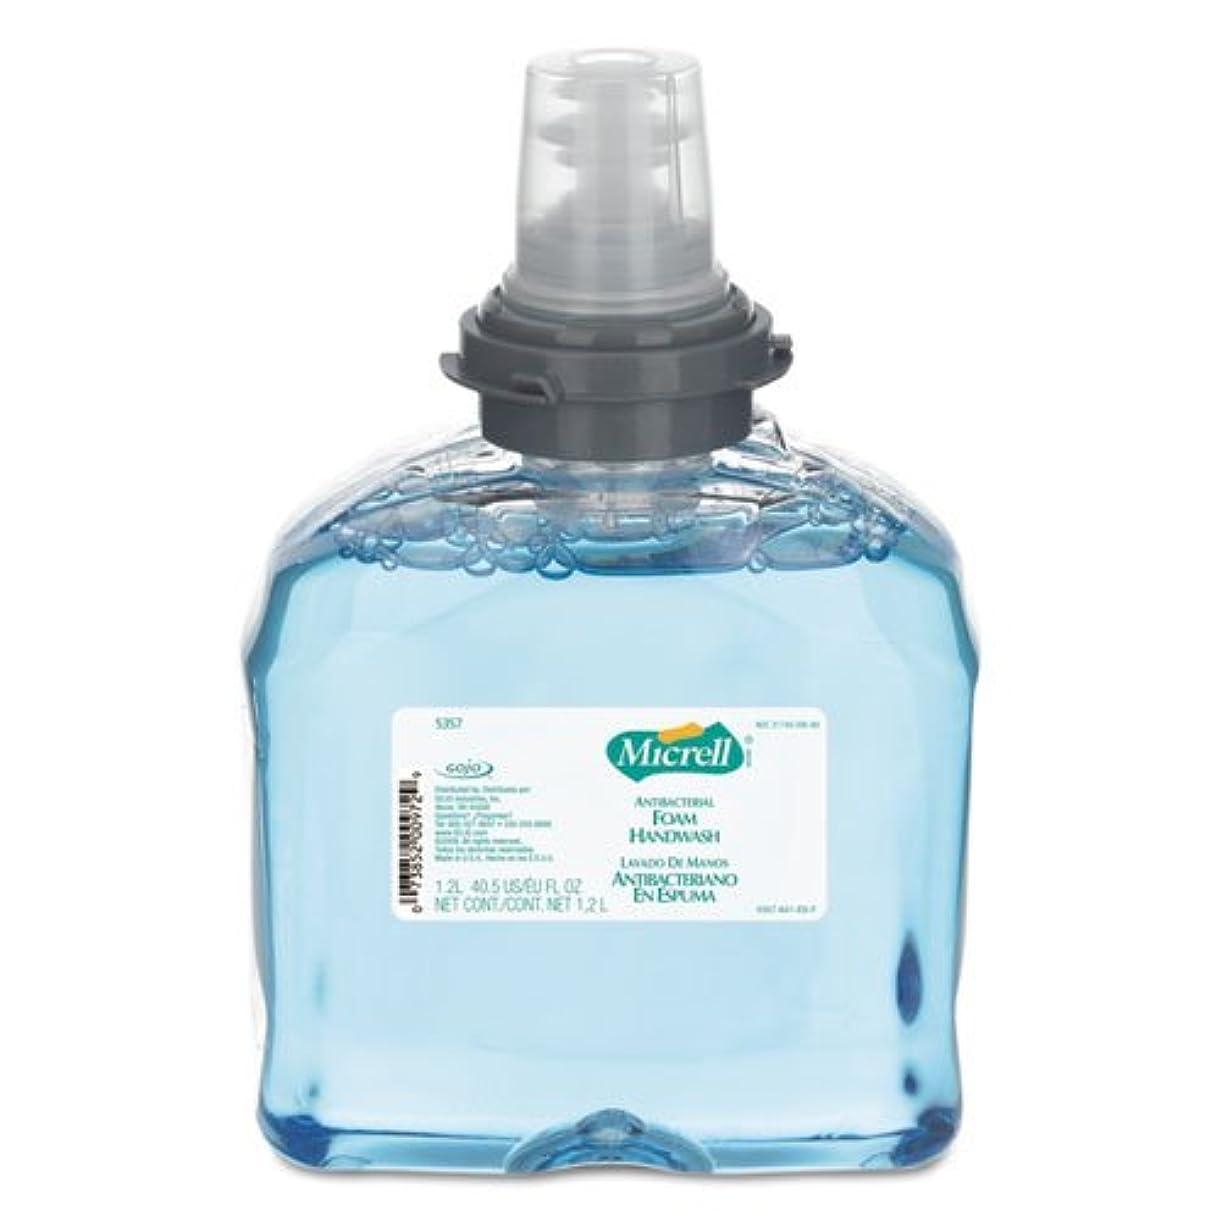 証明書修復意味するMICRELL抗菌Foam Handwash 5357-02